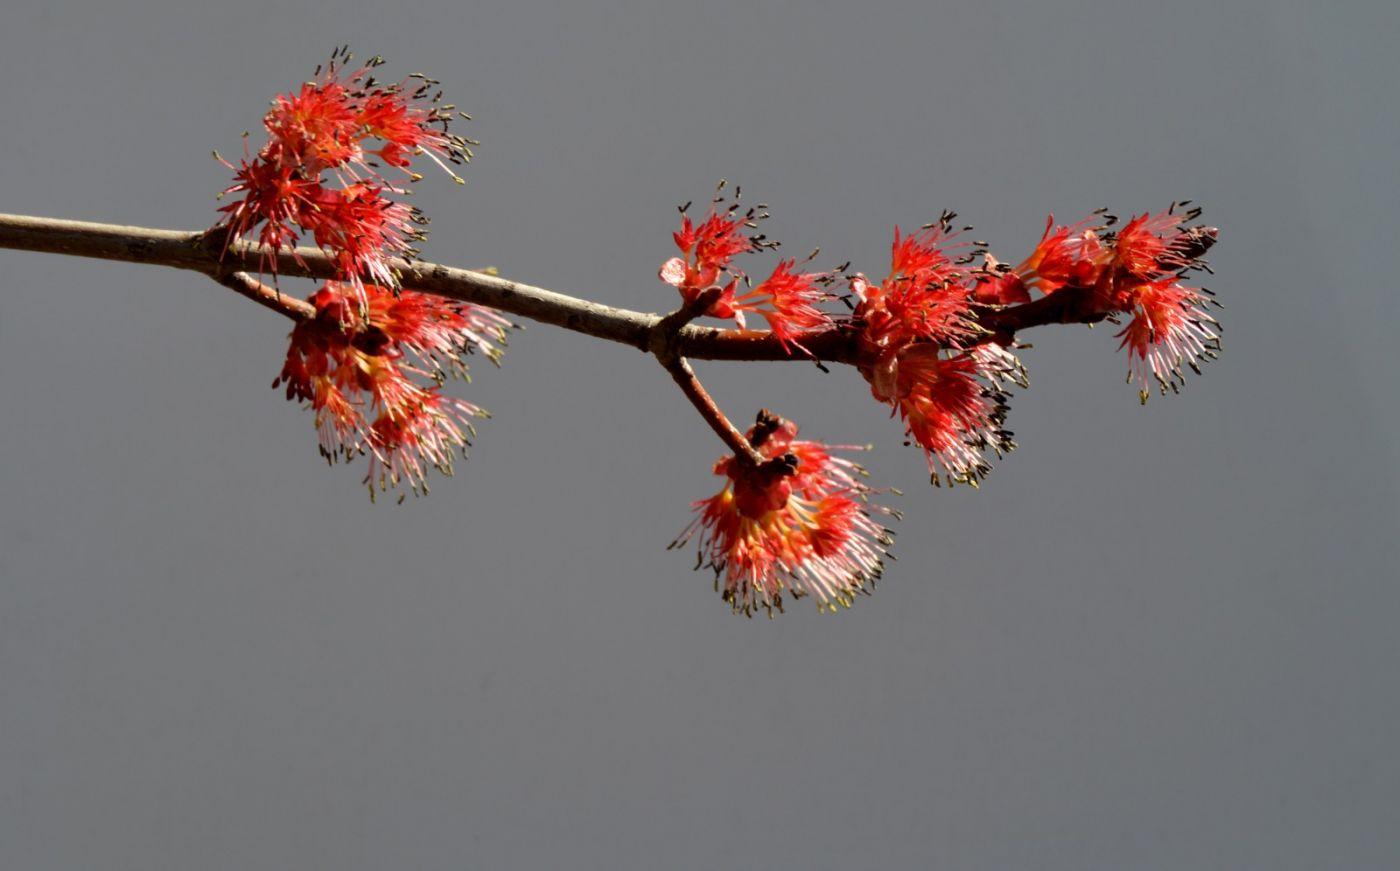 美国红枫开花_图1-11